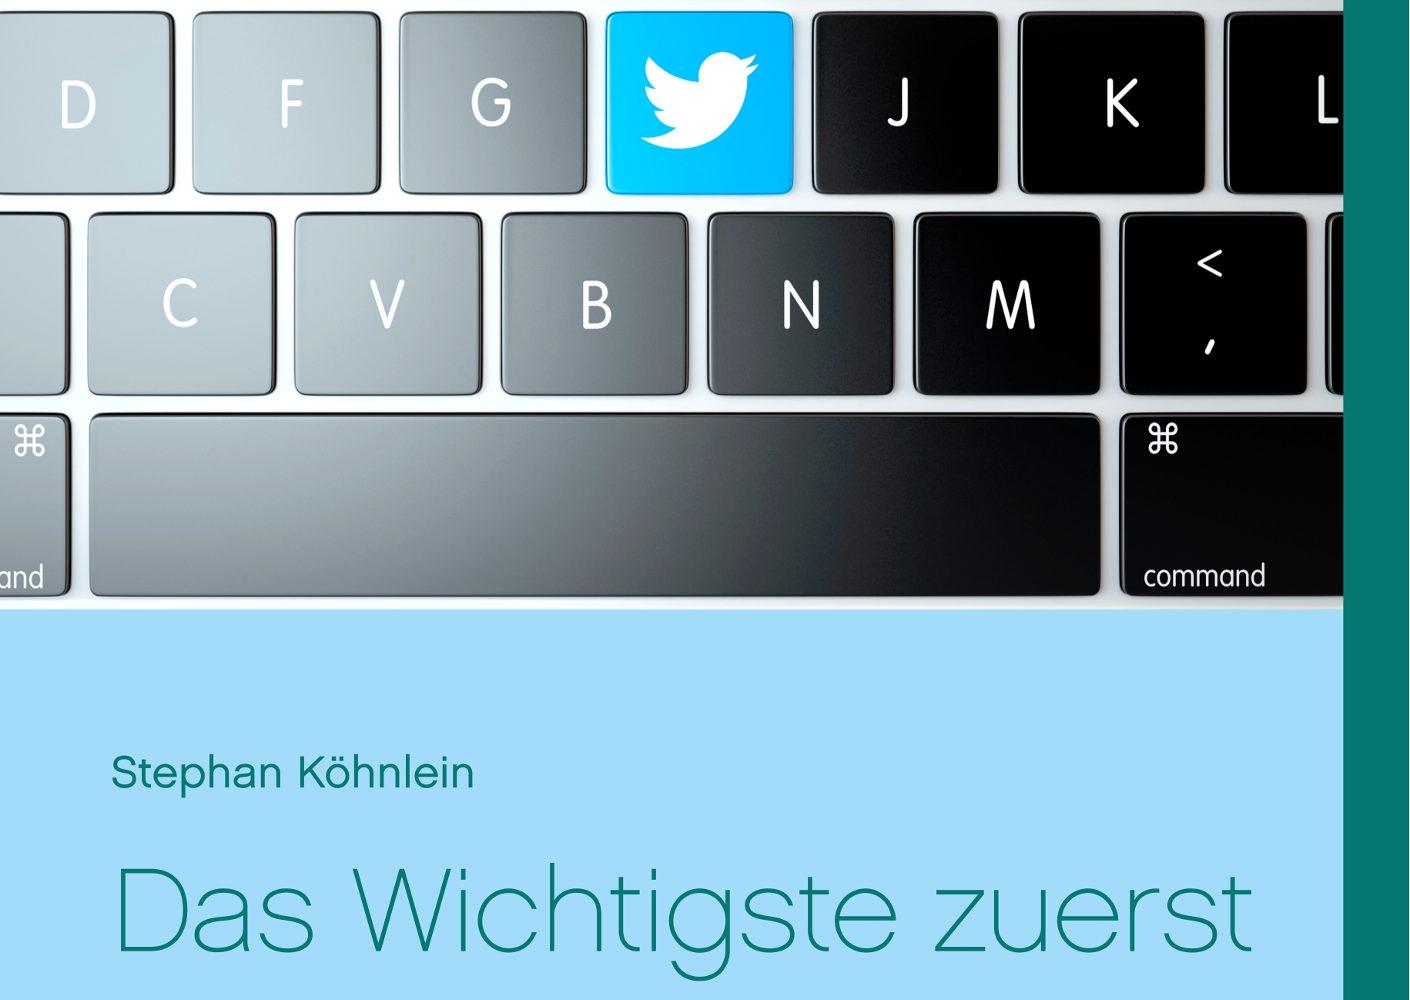 Stephan Köhnlein - Das Wichtigste zuerst